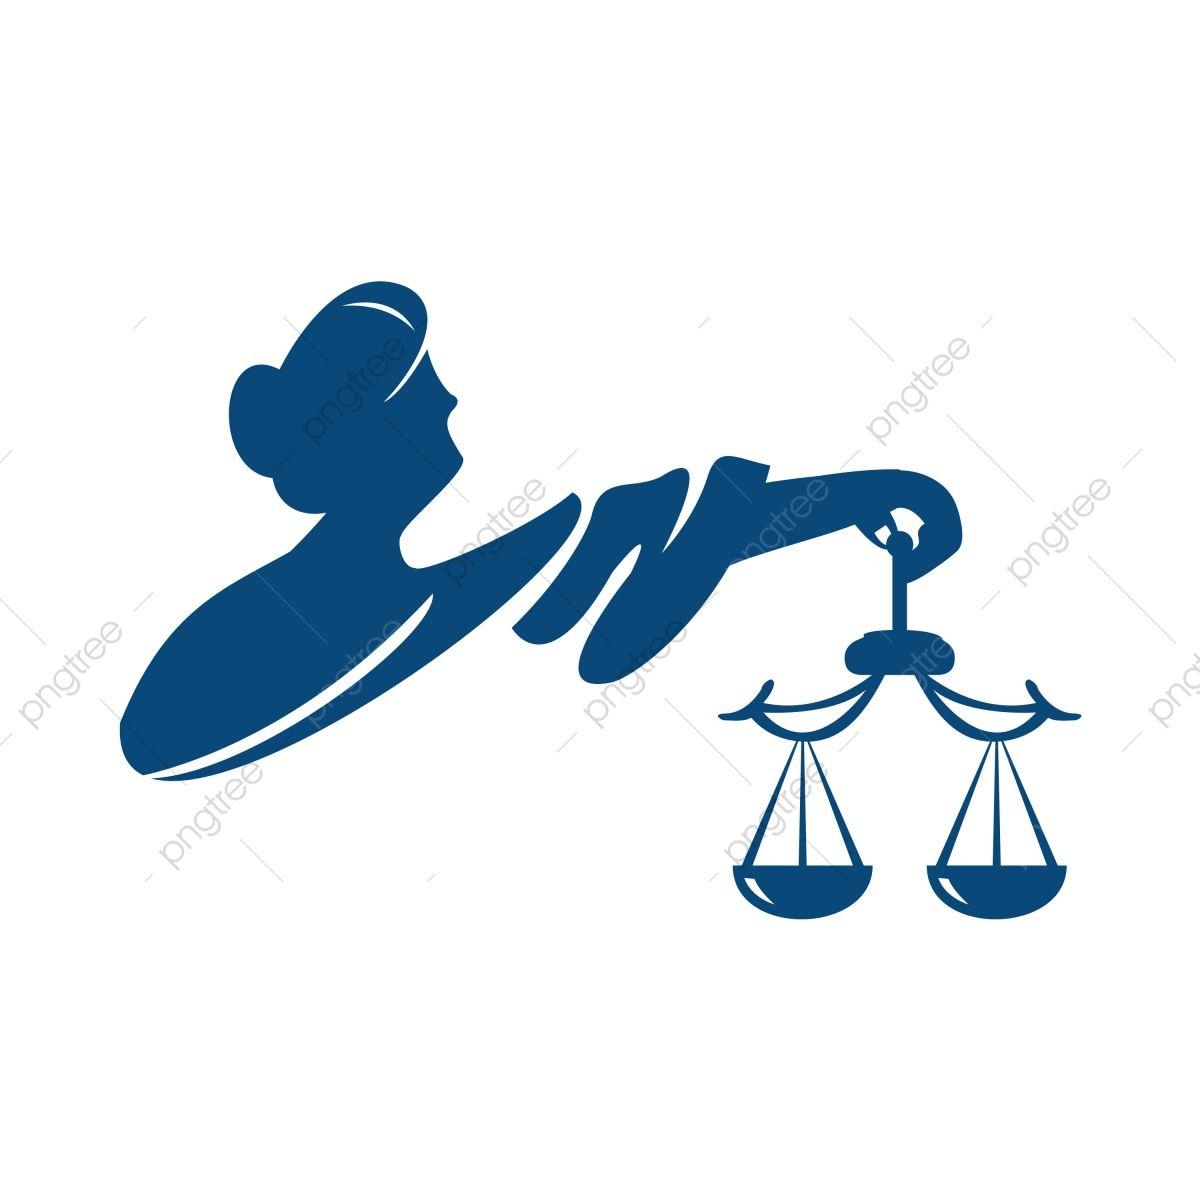 إلهة العدالة فيميدا التوضيح النواقل العدالة تمثال التسمية الميزان رمز العدالة سيدة إلهة العدل قالب تصميم شعار مجانا الدعوة Png والمتجهات للتحميل مجانا Goddess Of Justice Justice Statue Vector Illustration